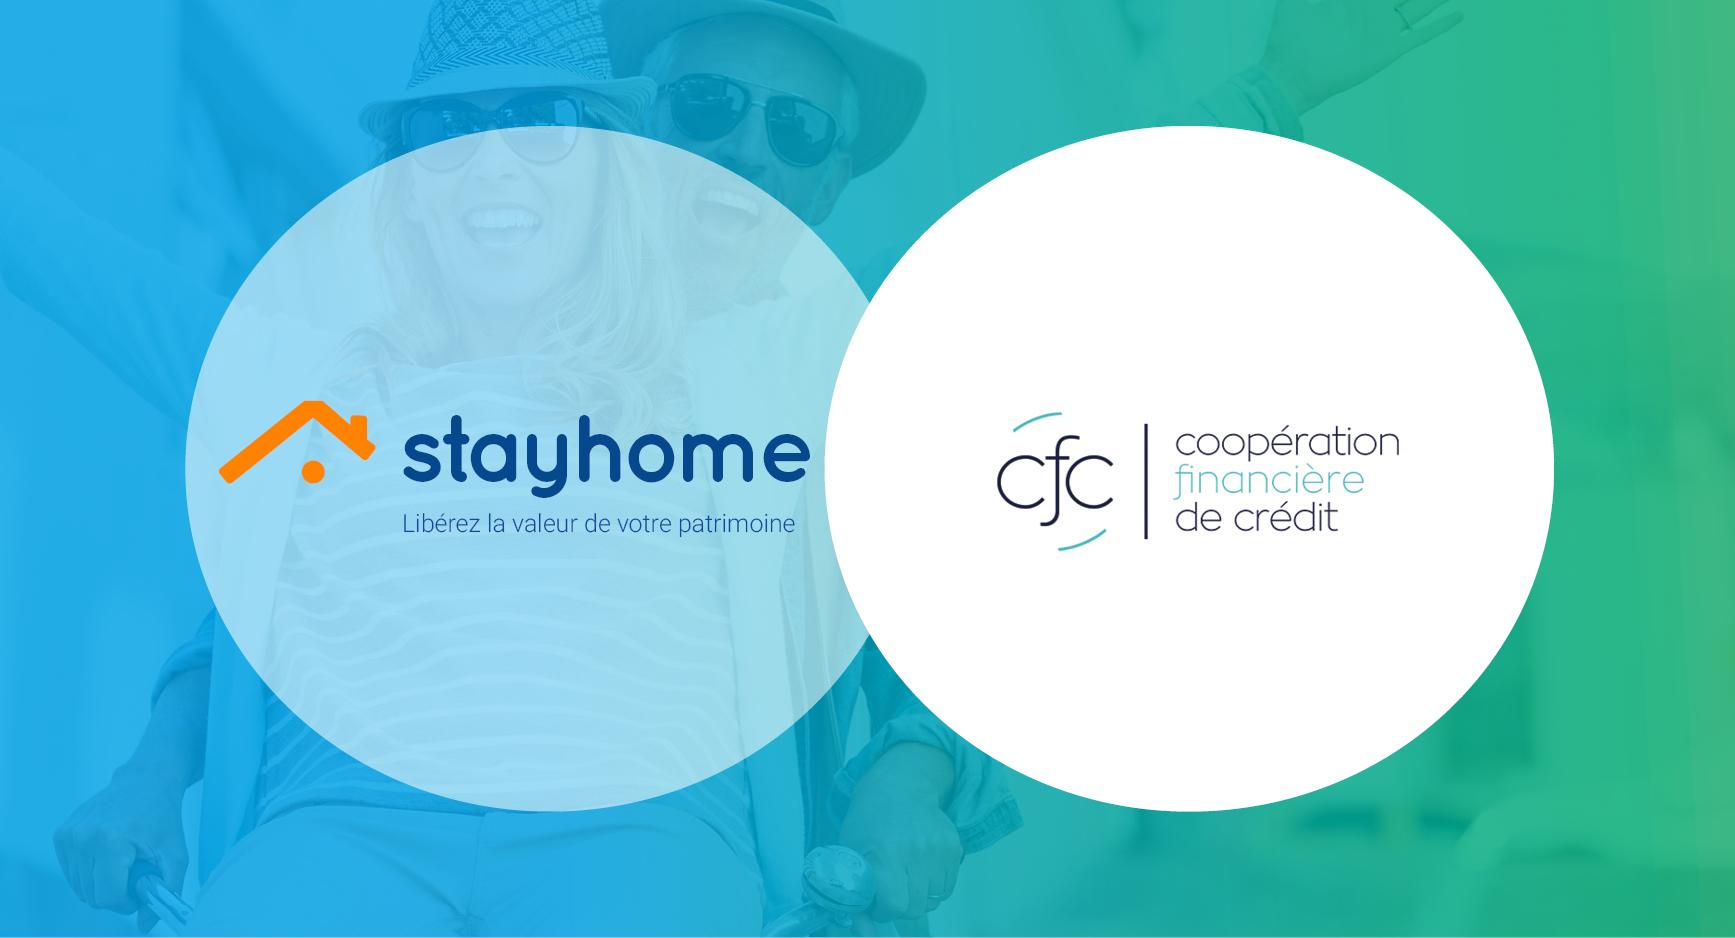 CFC et Stayhome s'associent pour mettre l'innovation financière solidaire au service de leurs clients